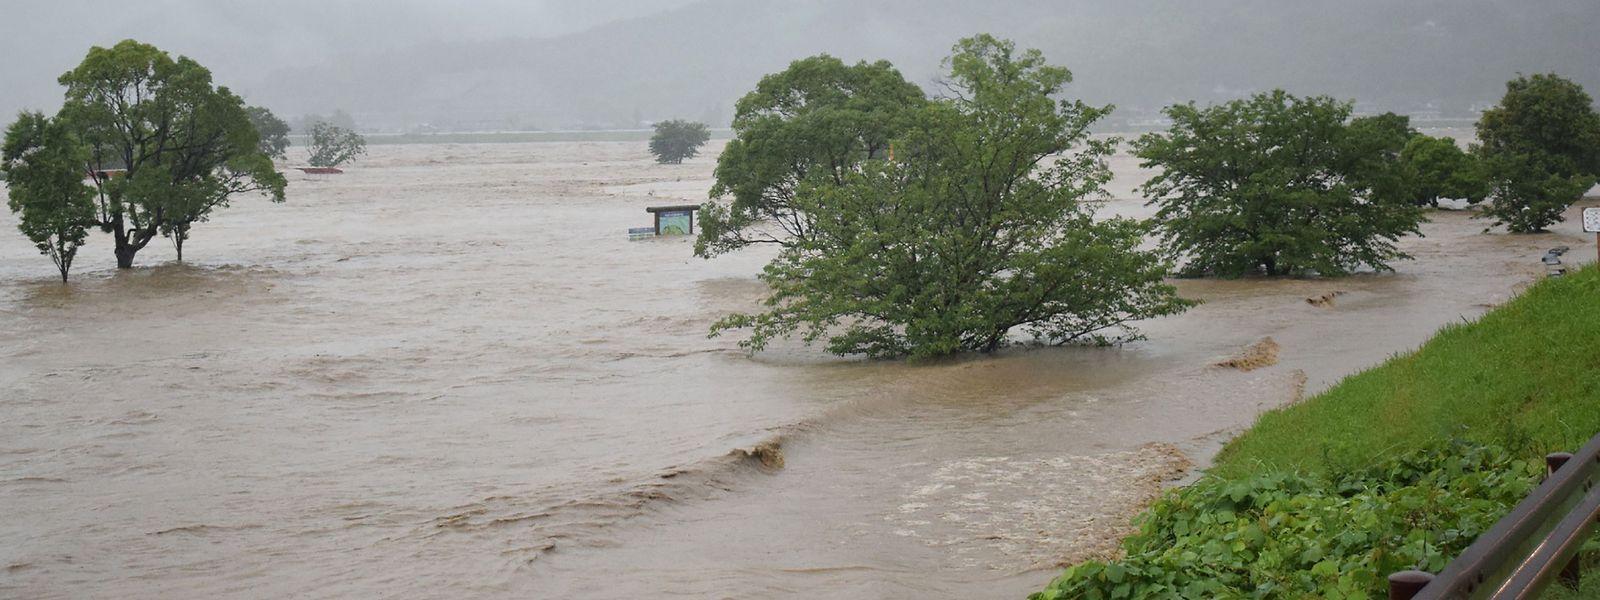 Der Fluss Kuma in der Präfektur Kumamoto trat über die Ufer.